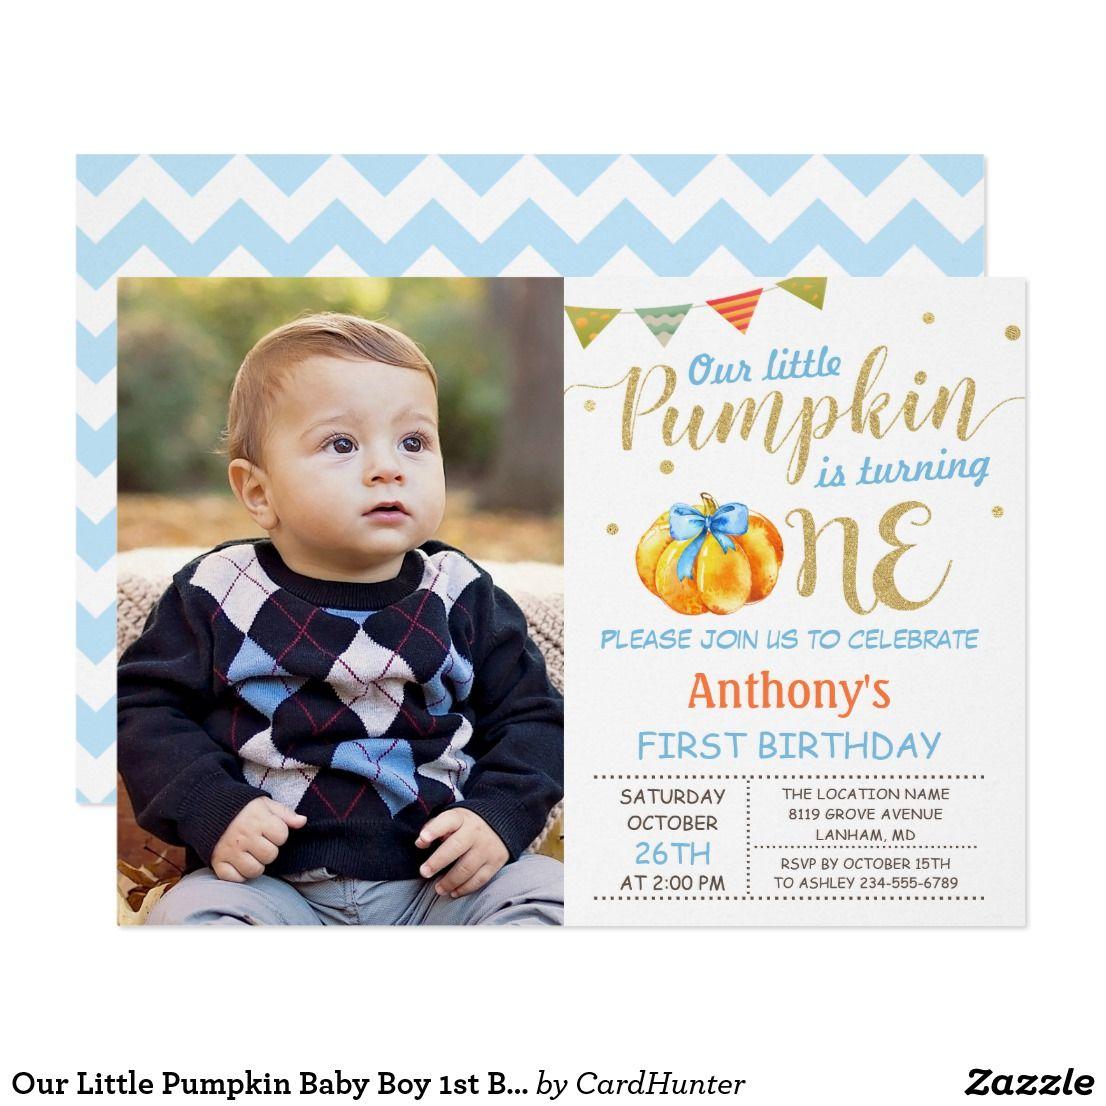 Our Little Pumpkin Baby Boy 1st Birthday Photo Card | Pumpkin baby ...